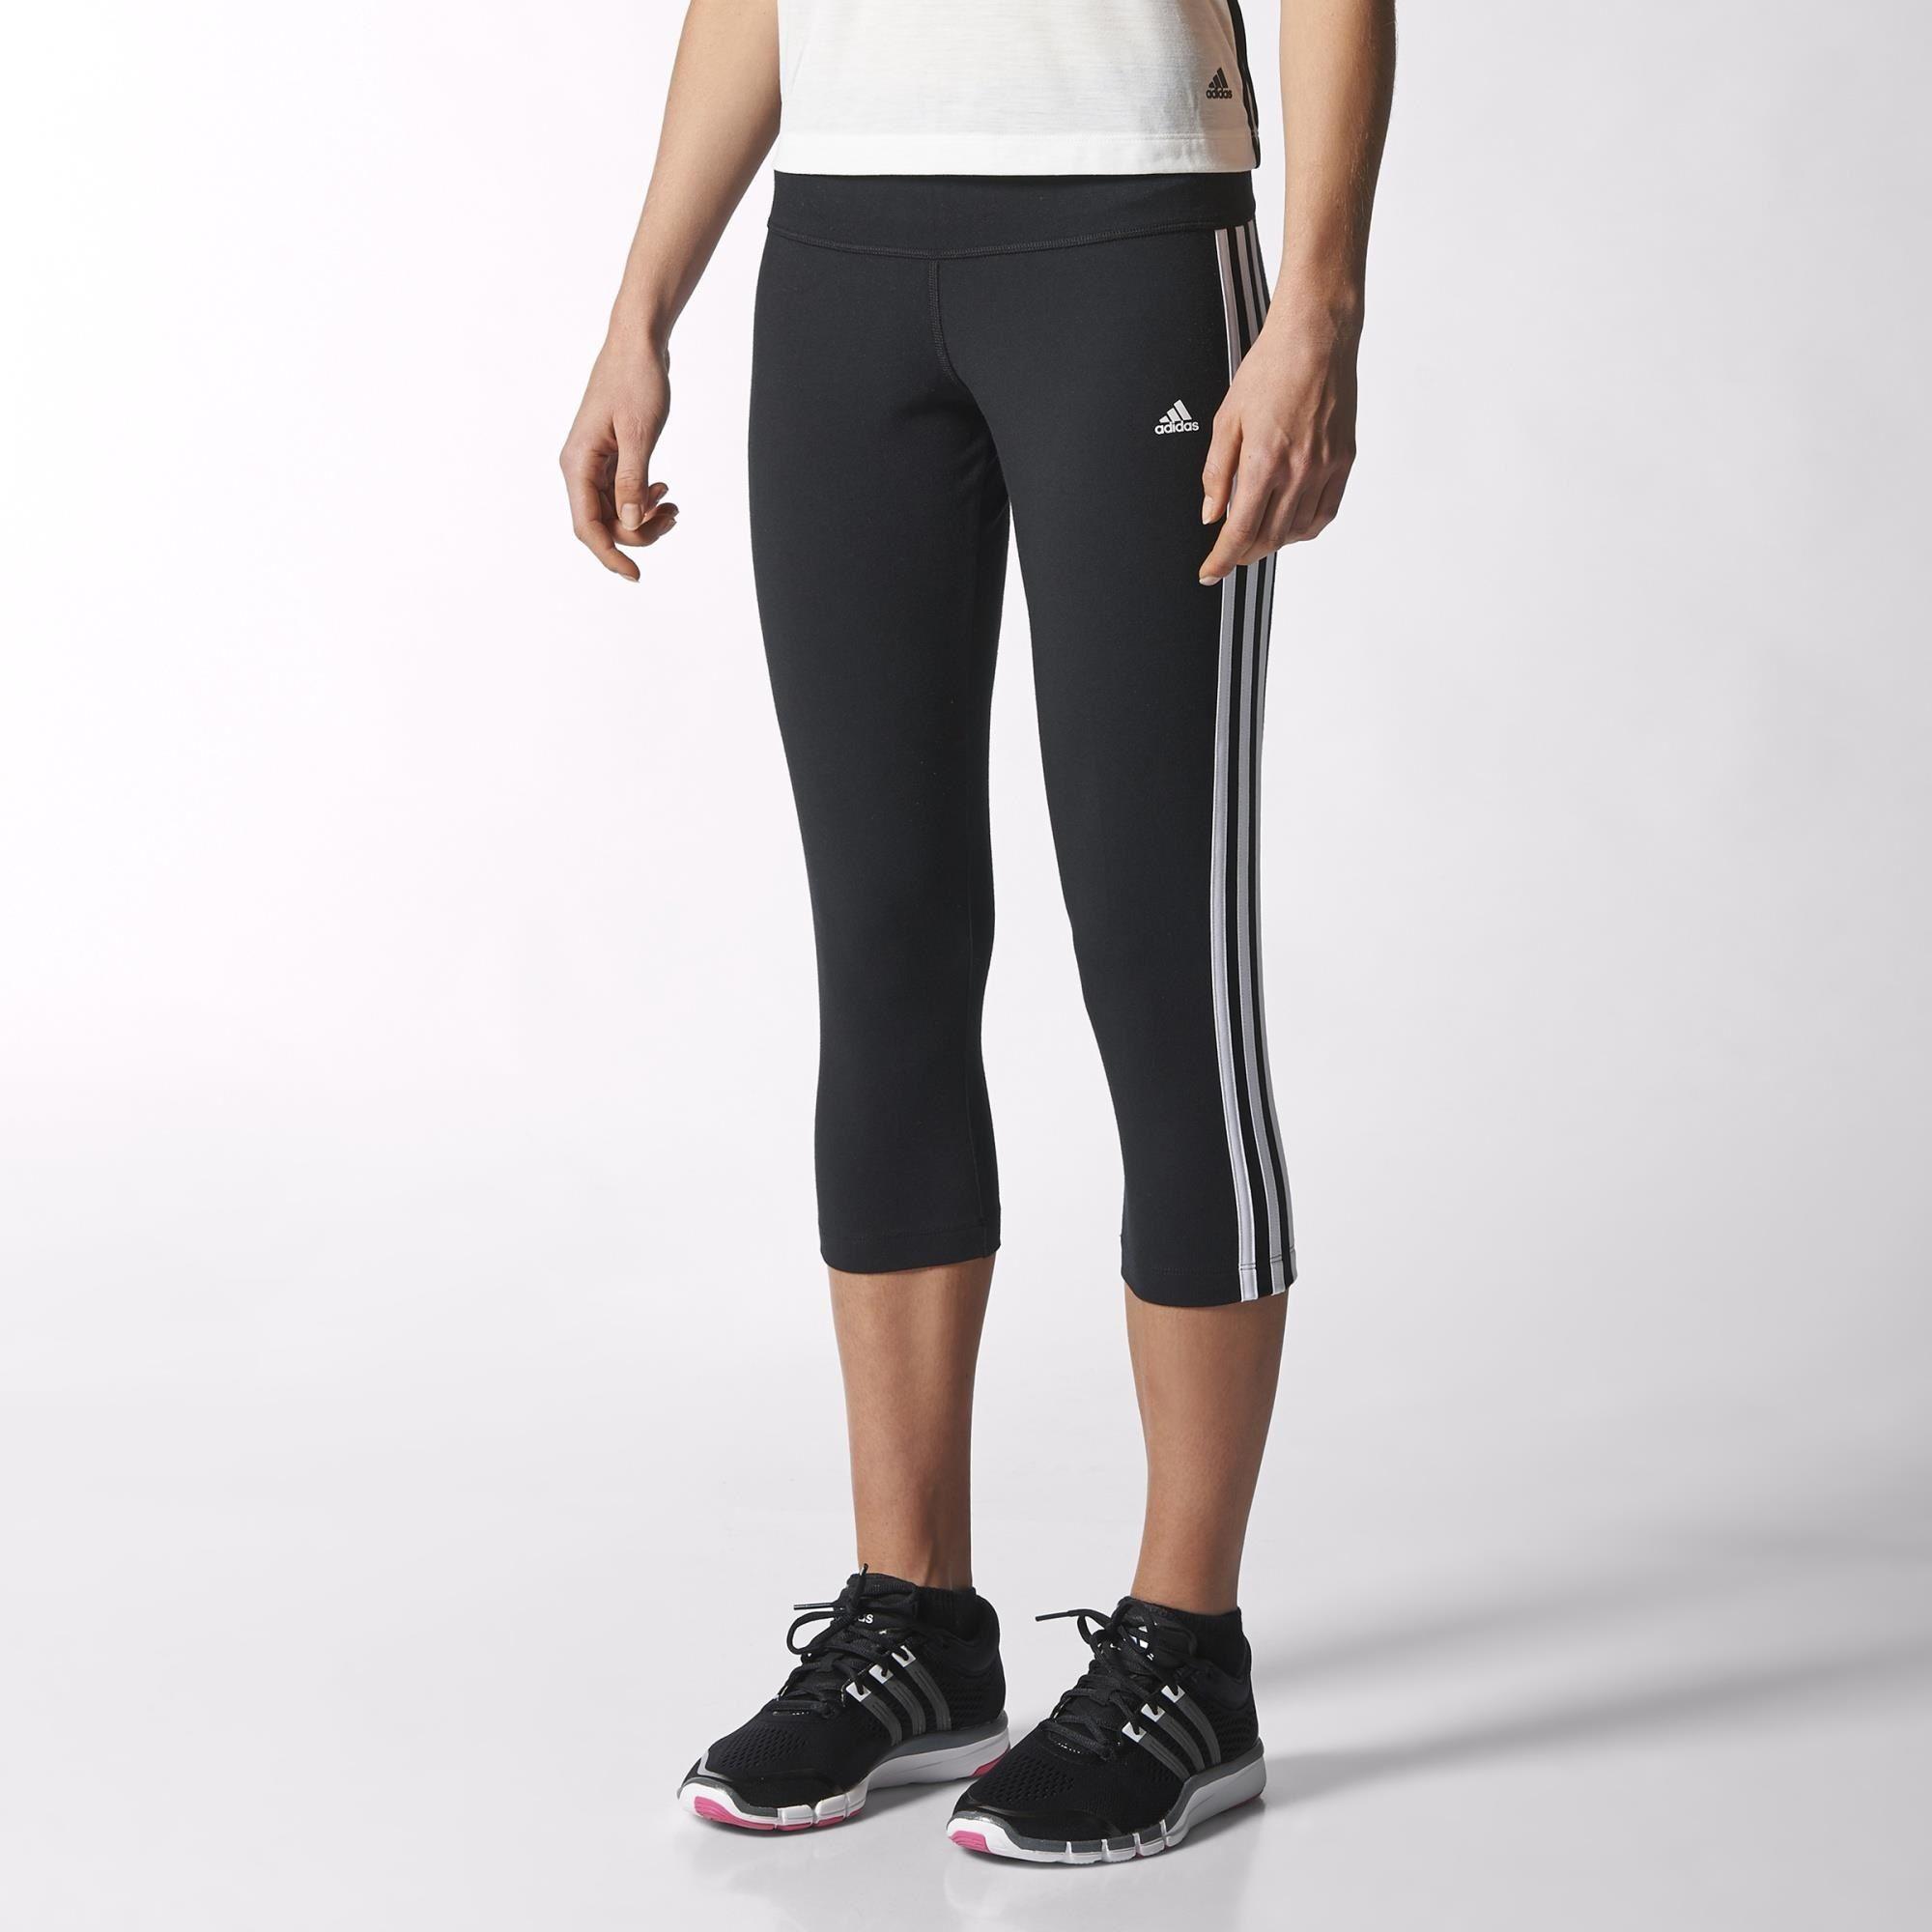 adidas Sport Essentials Tights - Black | adidas Deutschland